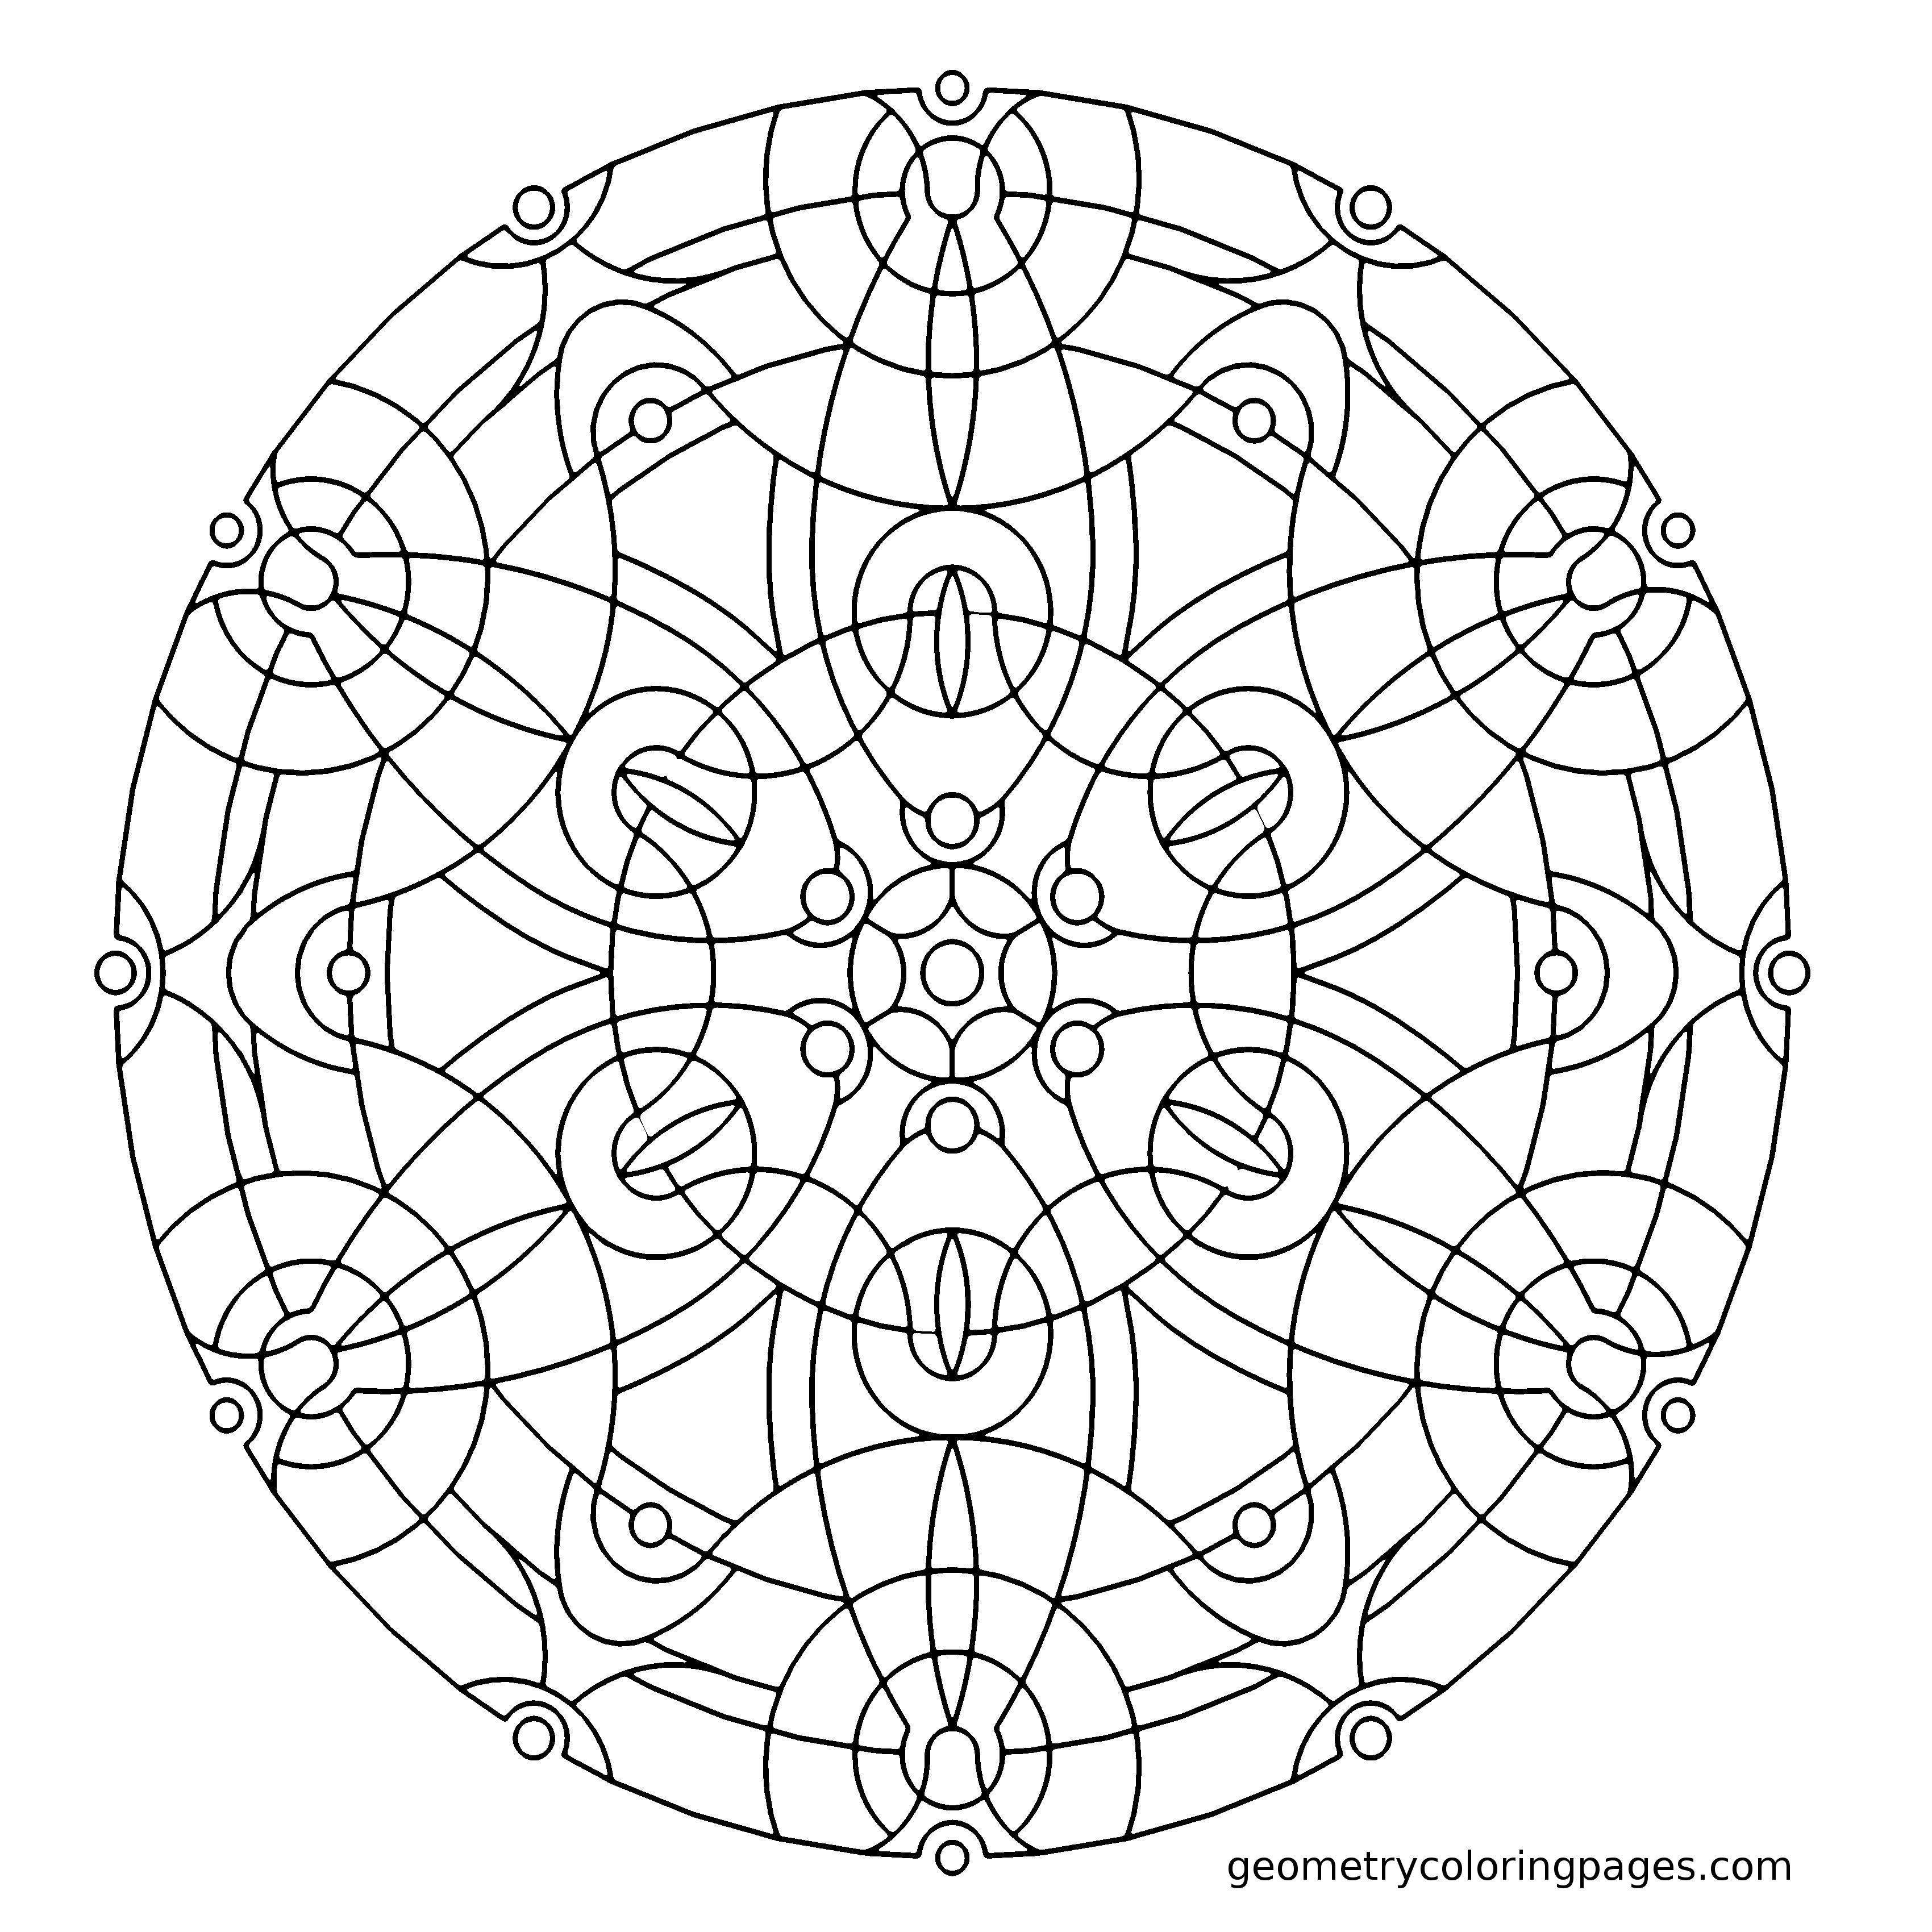 Mandala Zum Ausdrucken Erwachsene Das Beste Von Coloring Page Mystery Coloring Mandalas Luxus Ausmalbilder Bilder